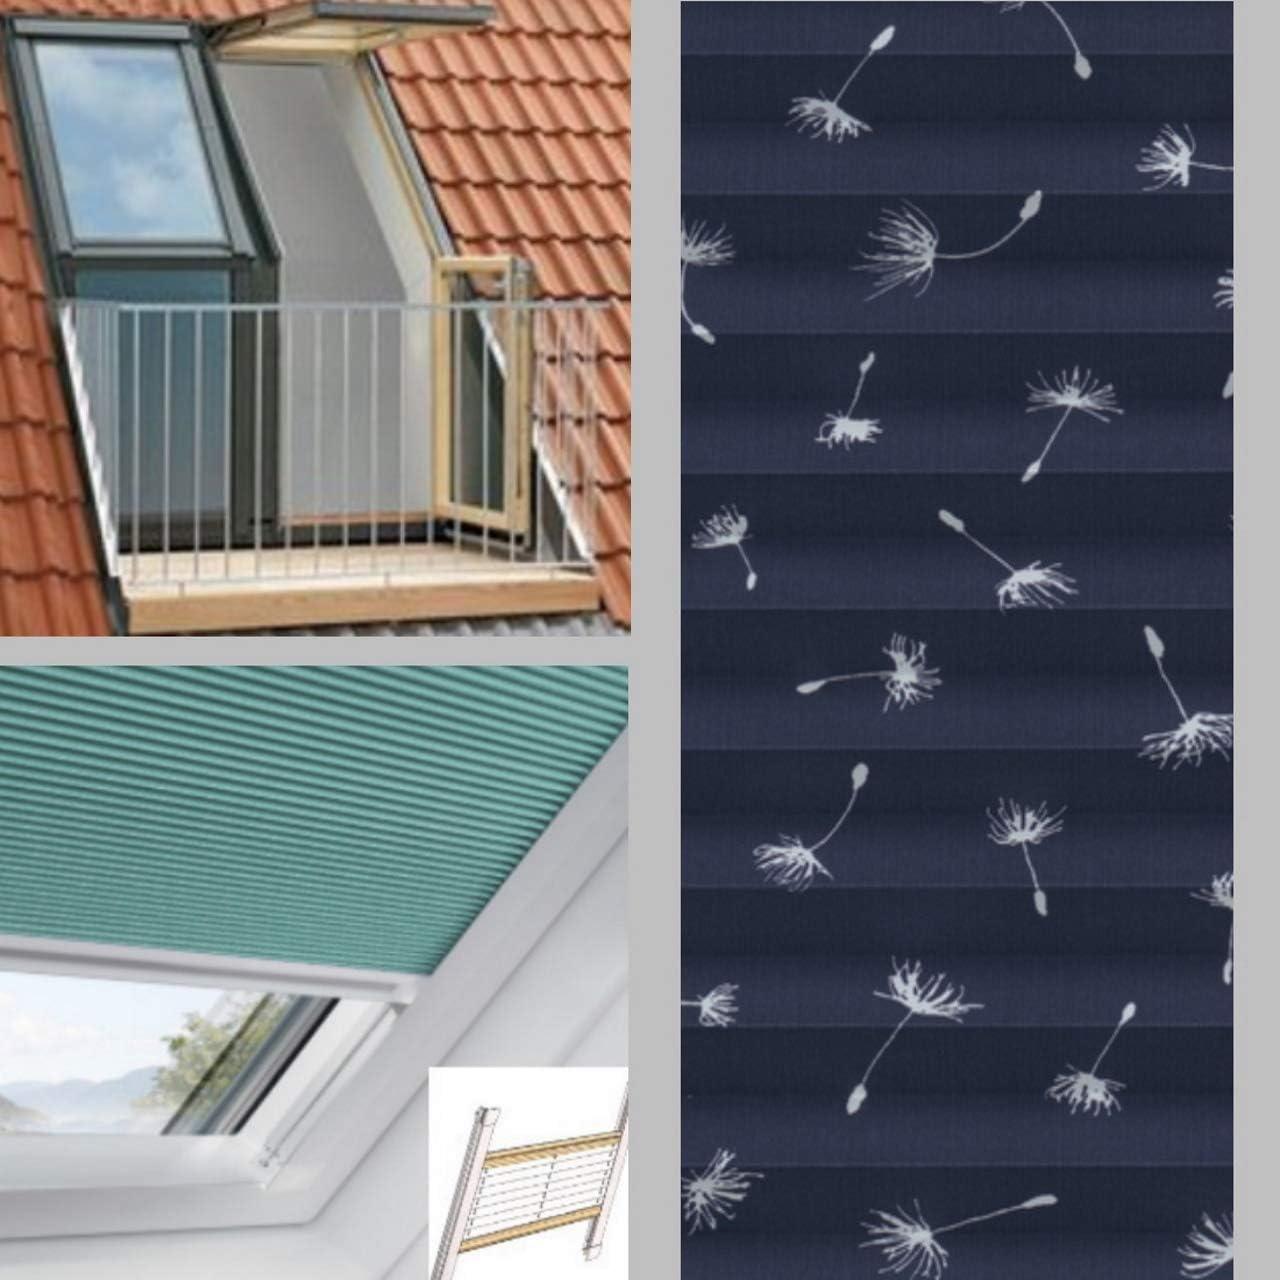 Bleu fonc/é SK04 unteres Fenster Store pliss/é occultant g/én/ériquement pour Velux Cabrio GDL SK19 Ciel /étoil/é